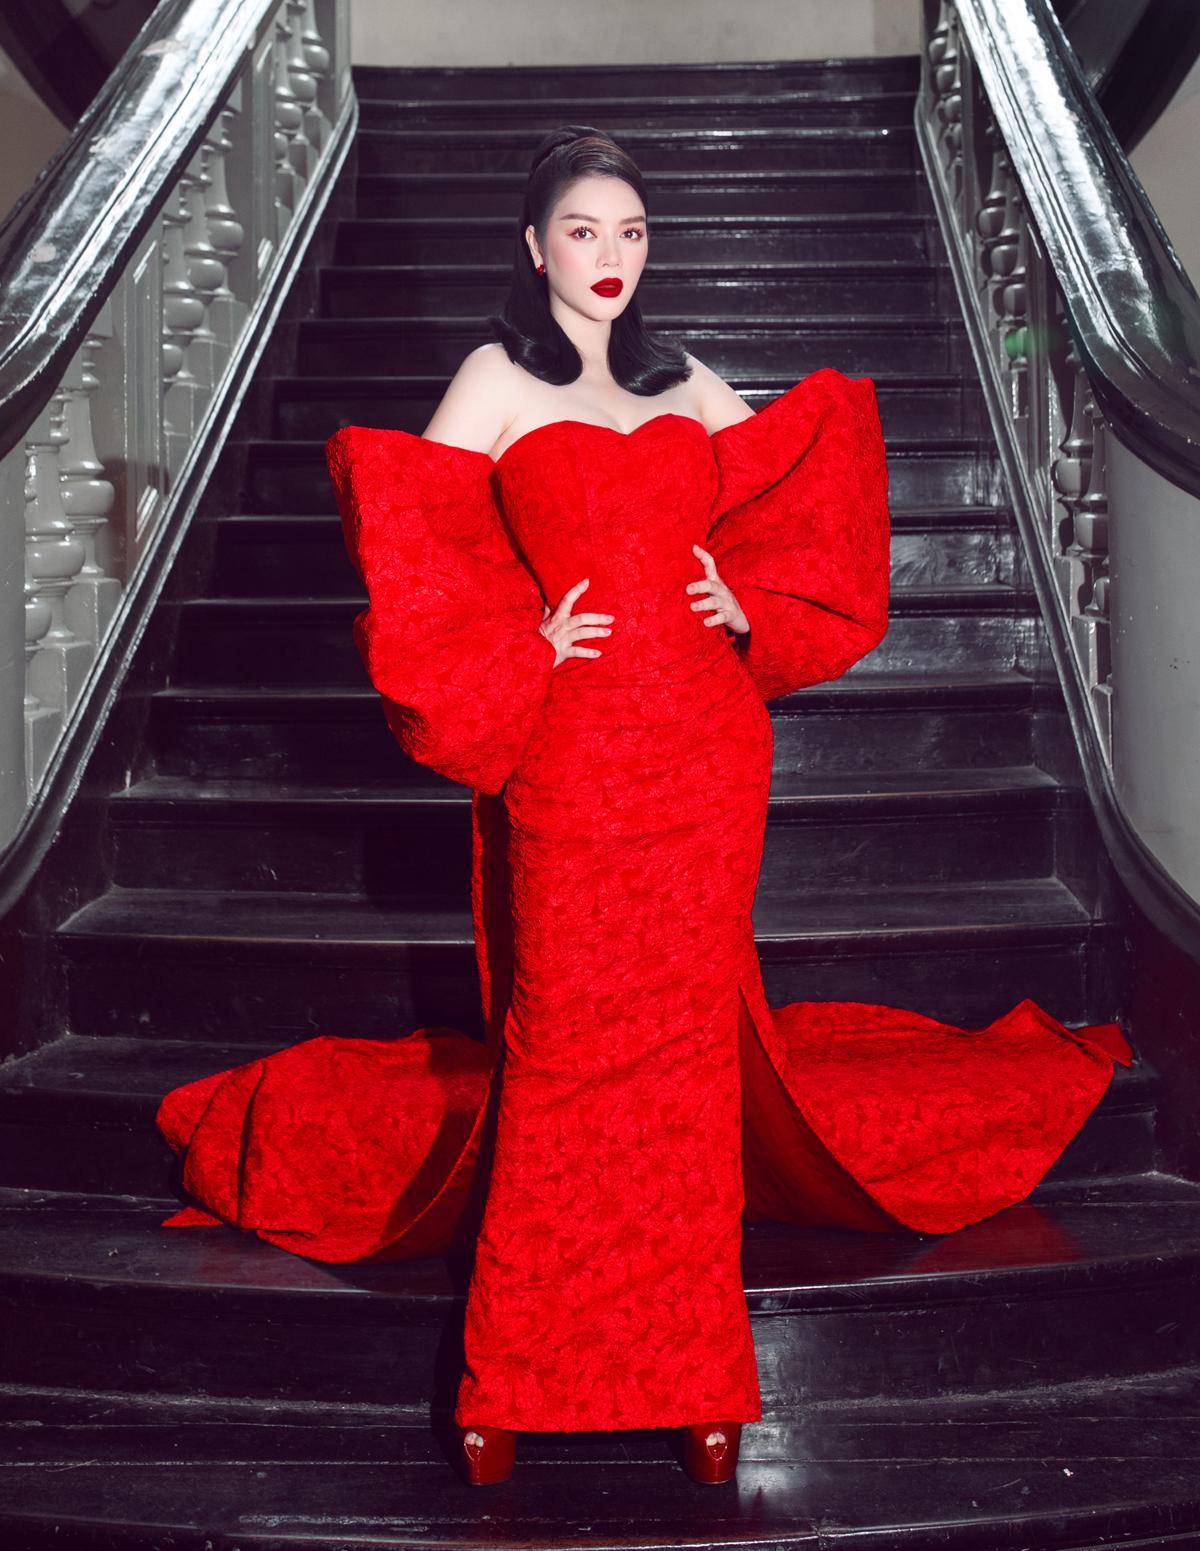 Lý Nhã Kỳ mang sắc màu đỏ rực với bộ đầm tạo khối kỳ công gây ấn tượng trên thảm đỏ.